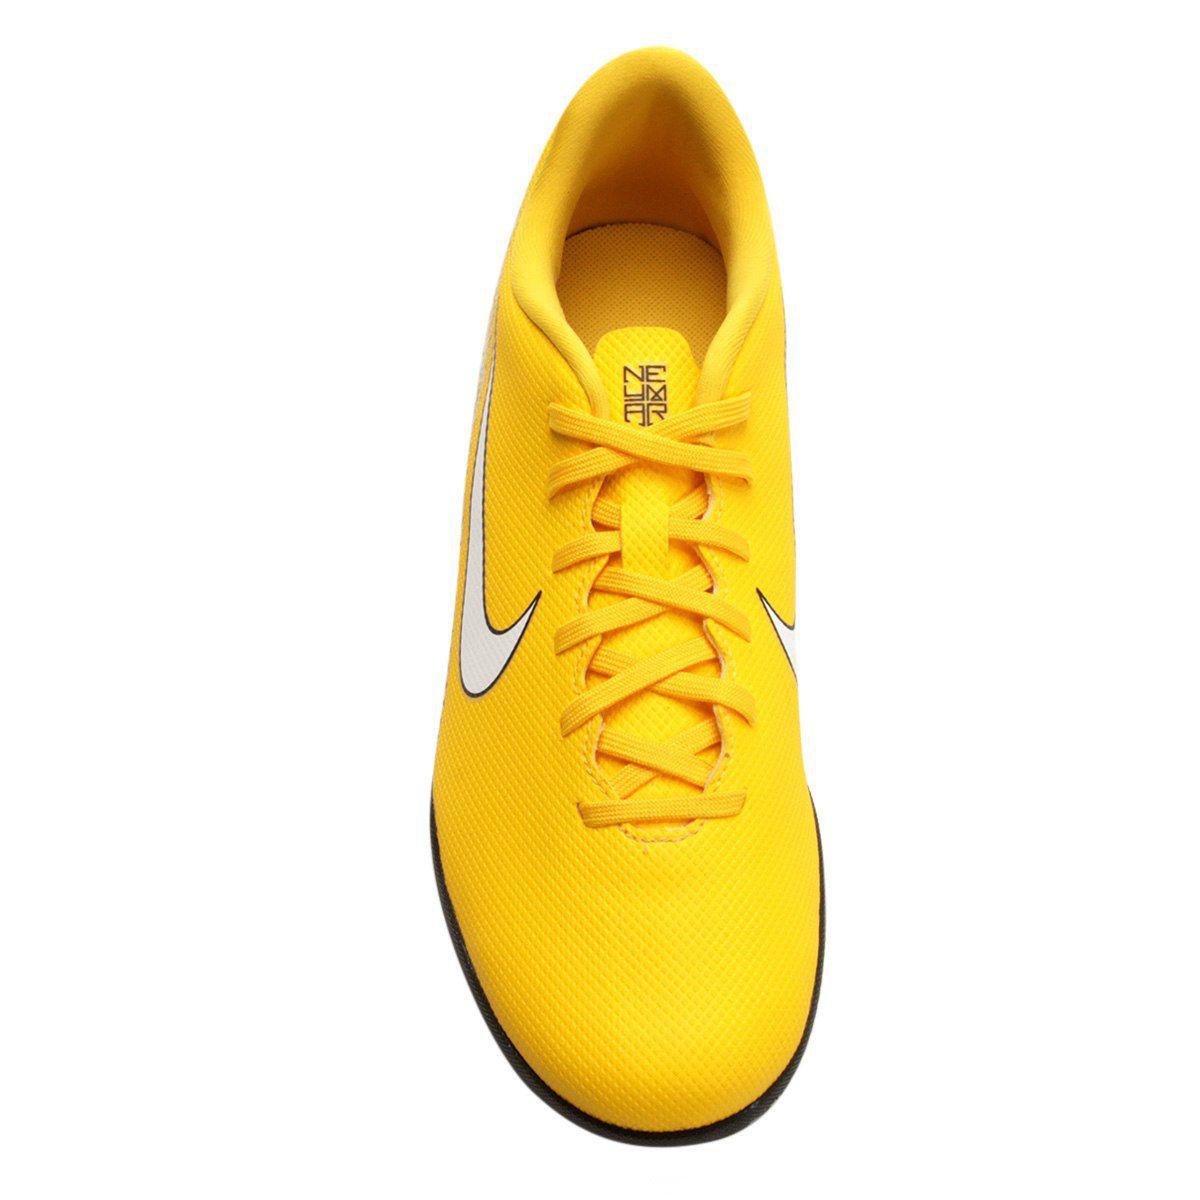 1a9f2c86bf3e3 Chuteira Futsal Nike Mercurial Vapor 12 Club Neymar IC INFANTIL - Amarelo e  Preto - Titanes Esportes